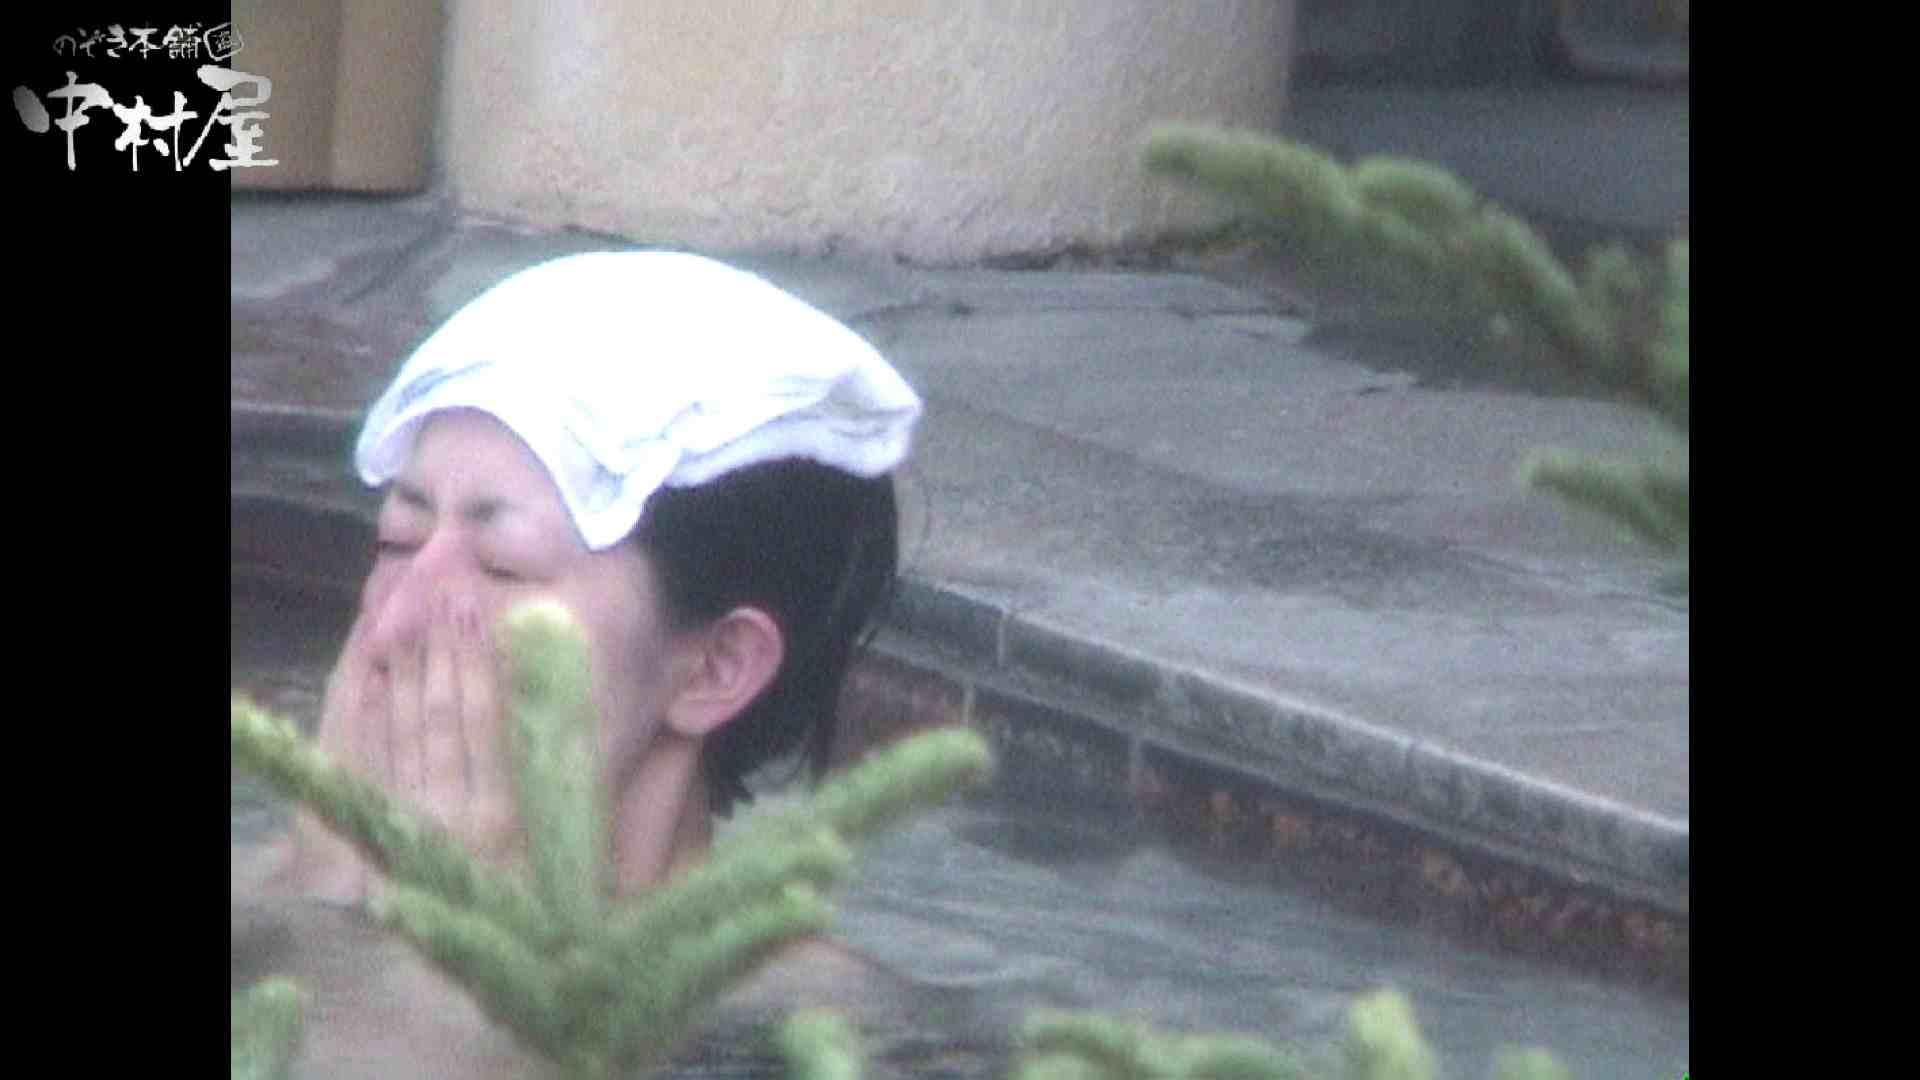 Aquaな露天風呂Vol.960 盗撮シリーズ  104PIX 60